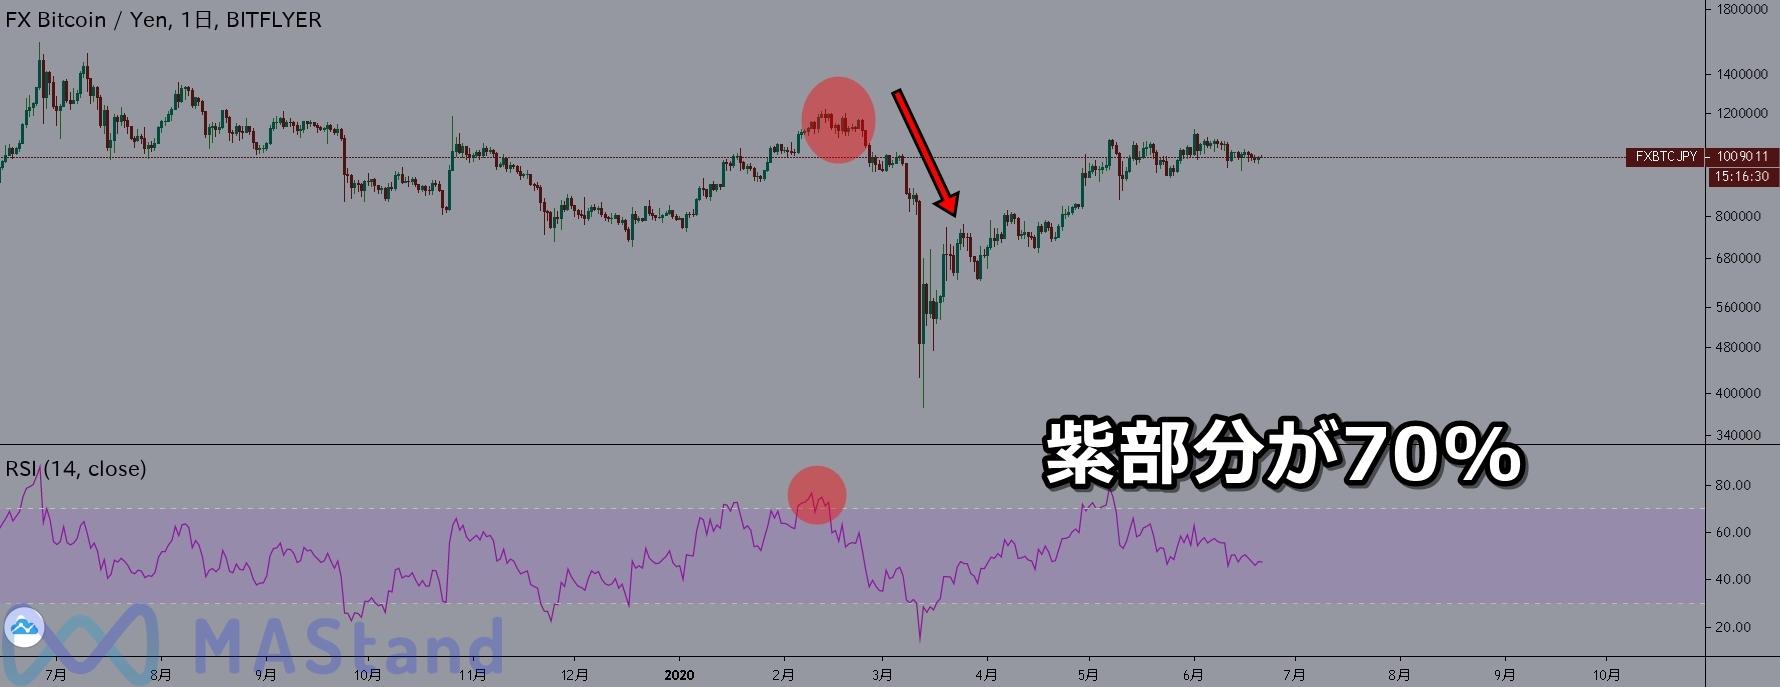 bitcoin-fx-rsi-5